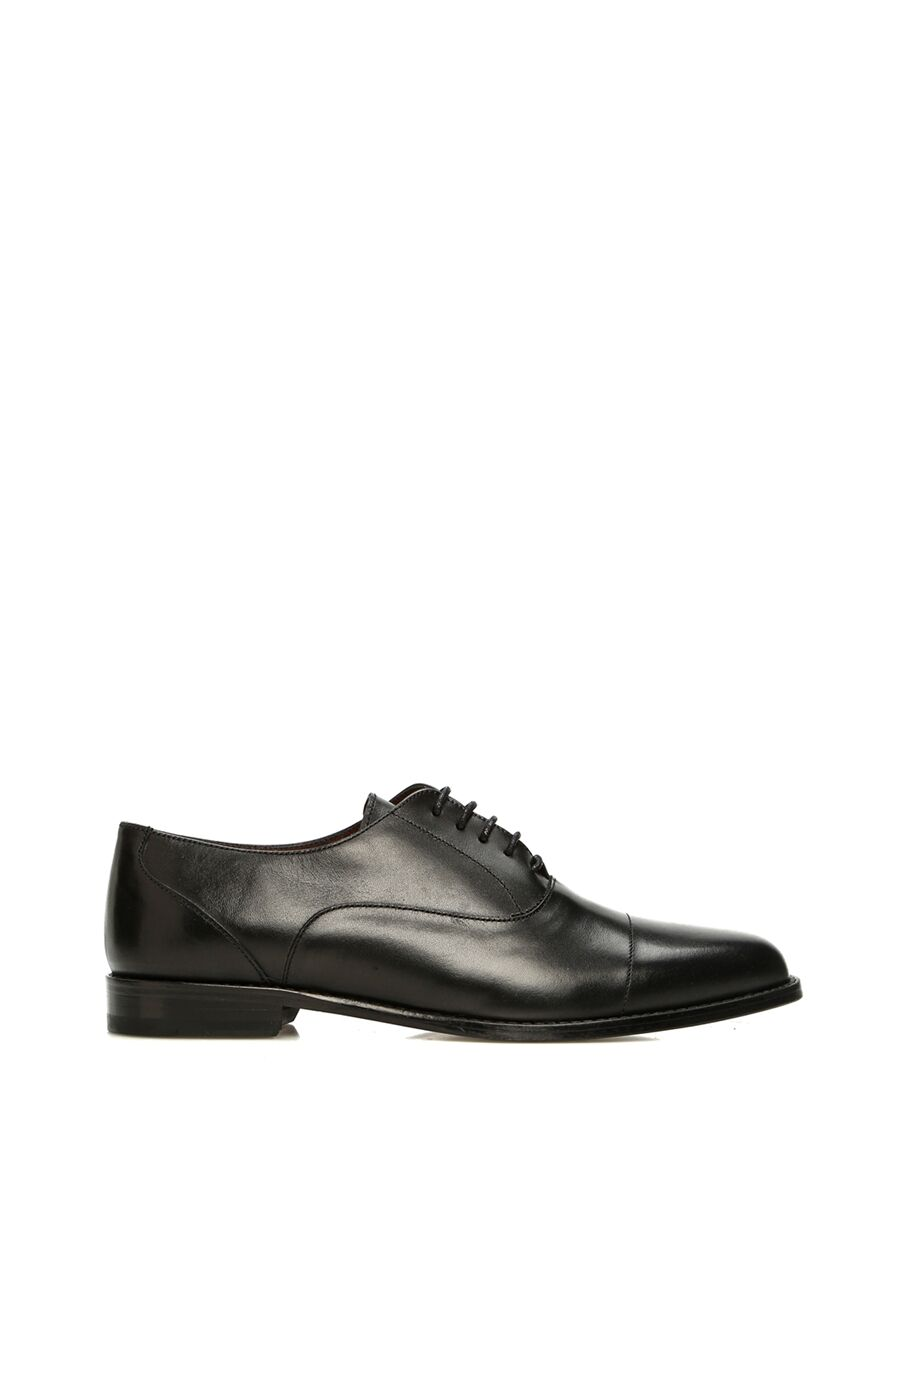 Kadın Siyah Deri Ayakkabı